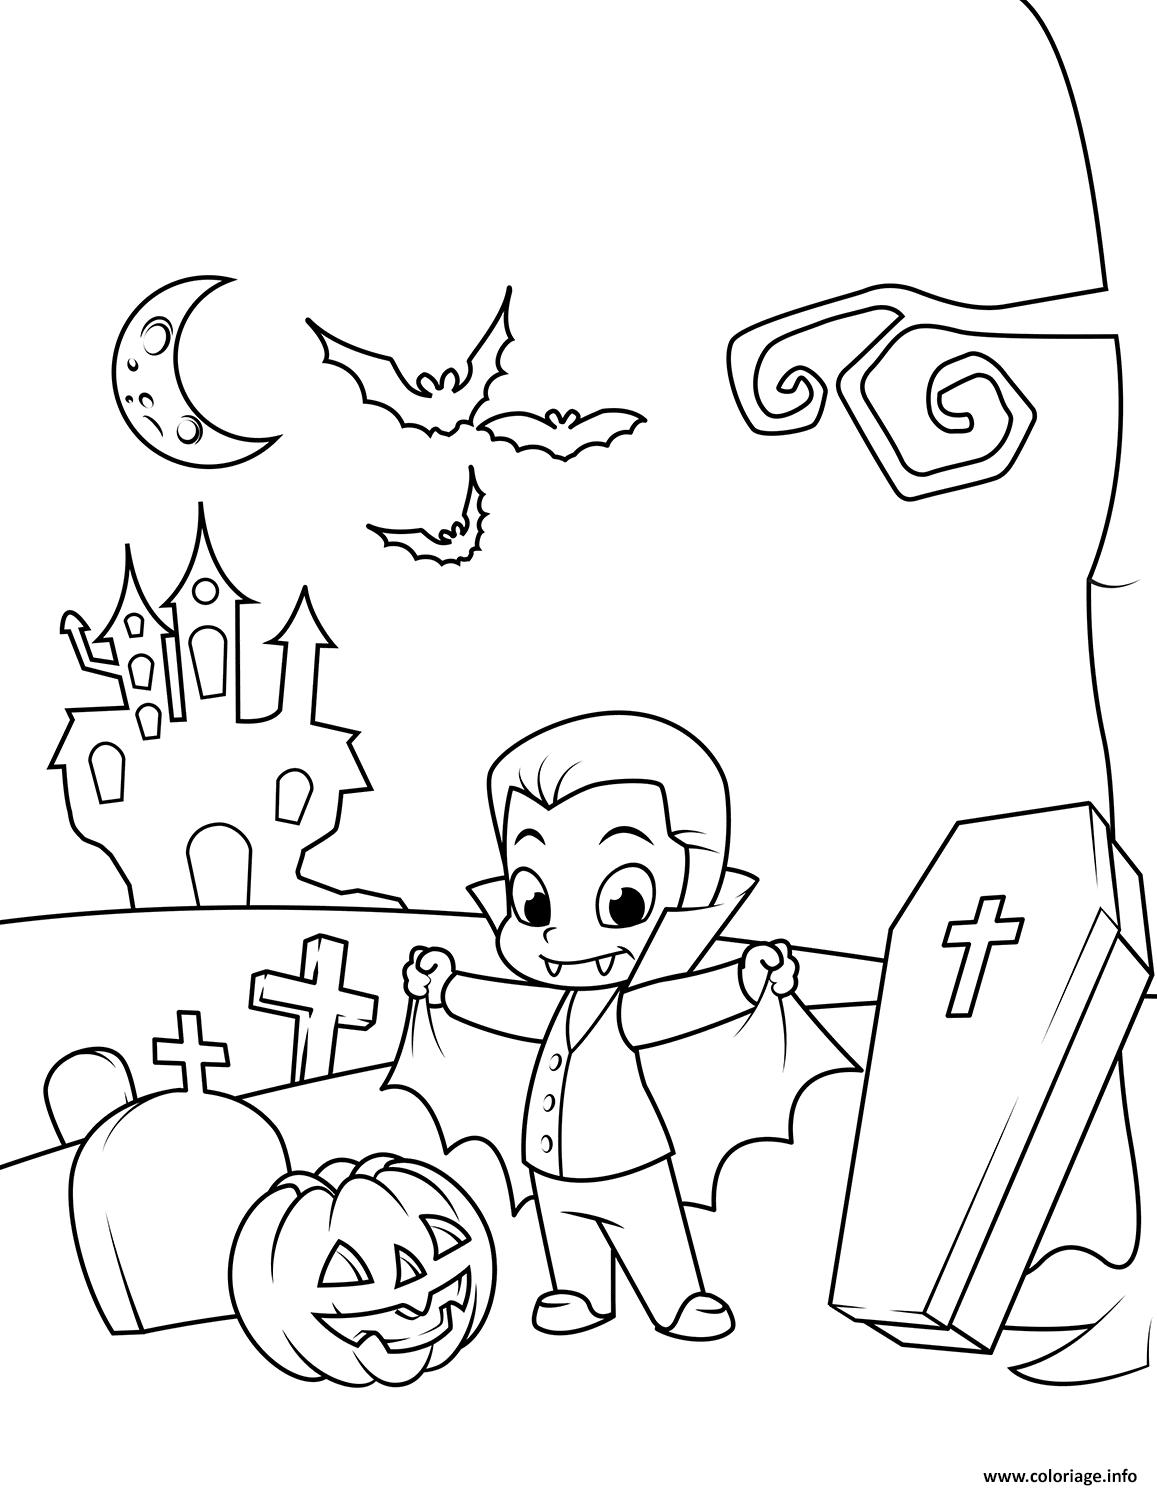 Dessin dracula halloween enfants Coloriage Gratuit à Imprimer